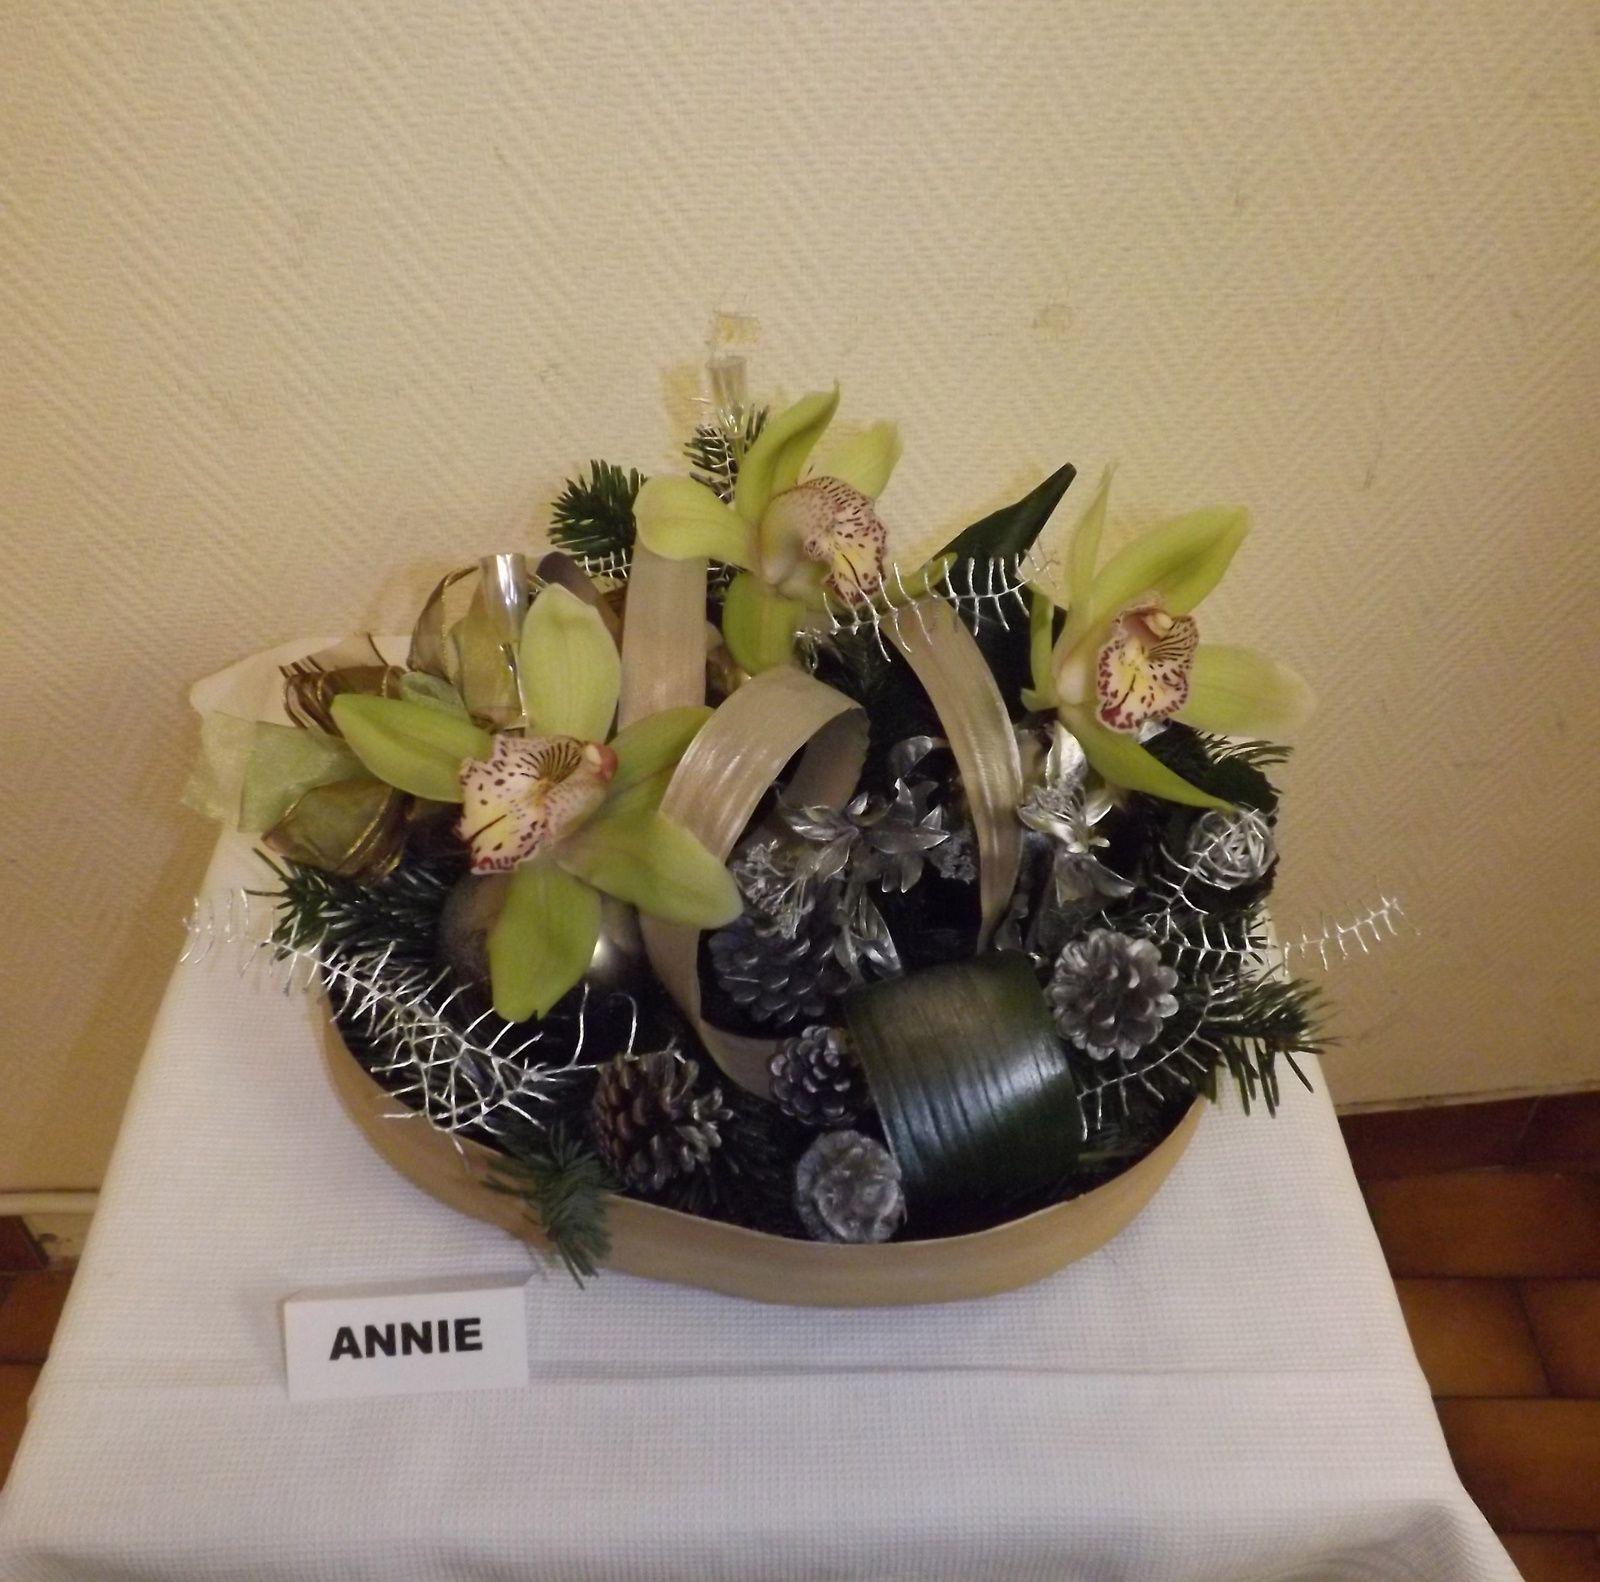 Pandanus seché, aspidistra, cordyline rouge, sapin, cymbidium ( orchidées ) boules de noël.